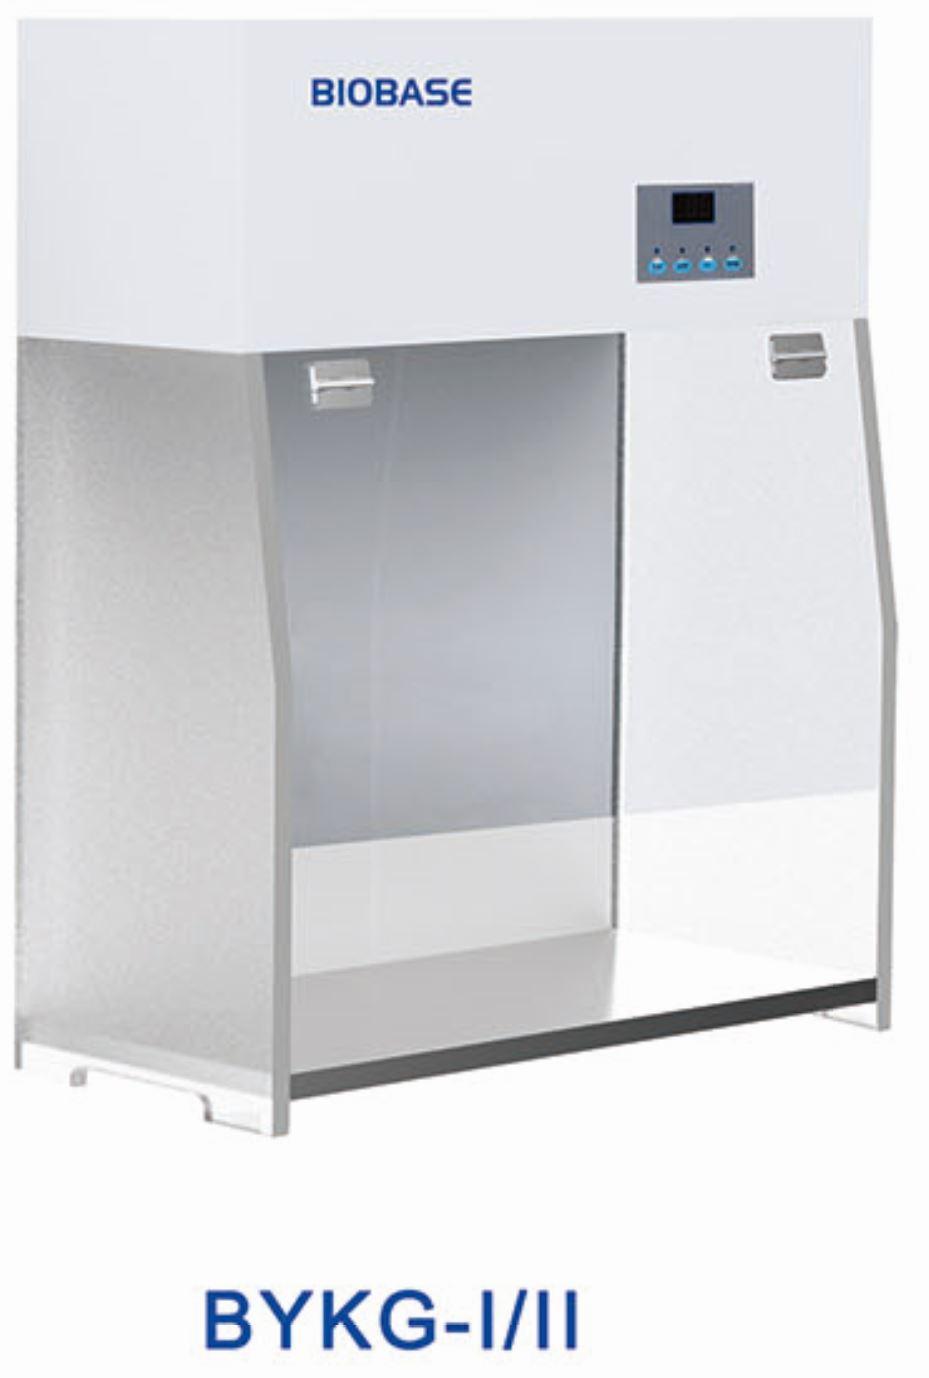 Komora klasy I. Model: BYKG-I/II